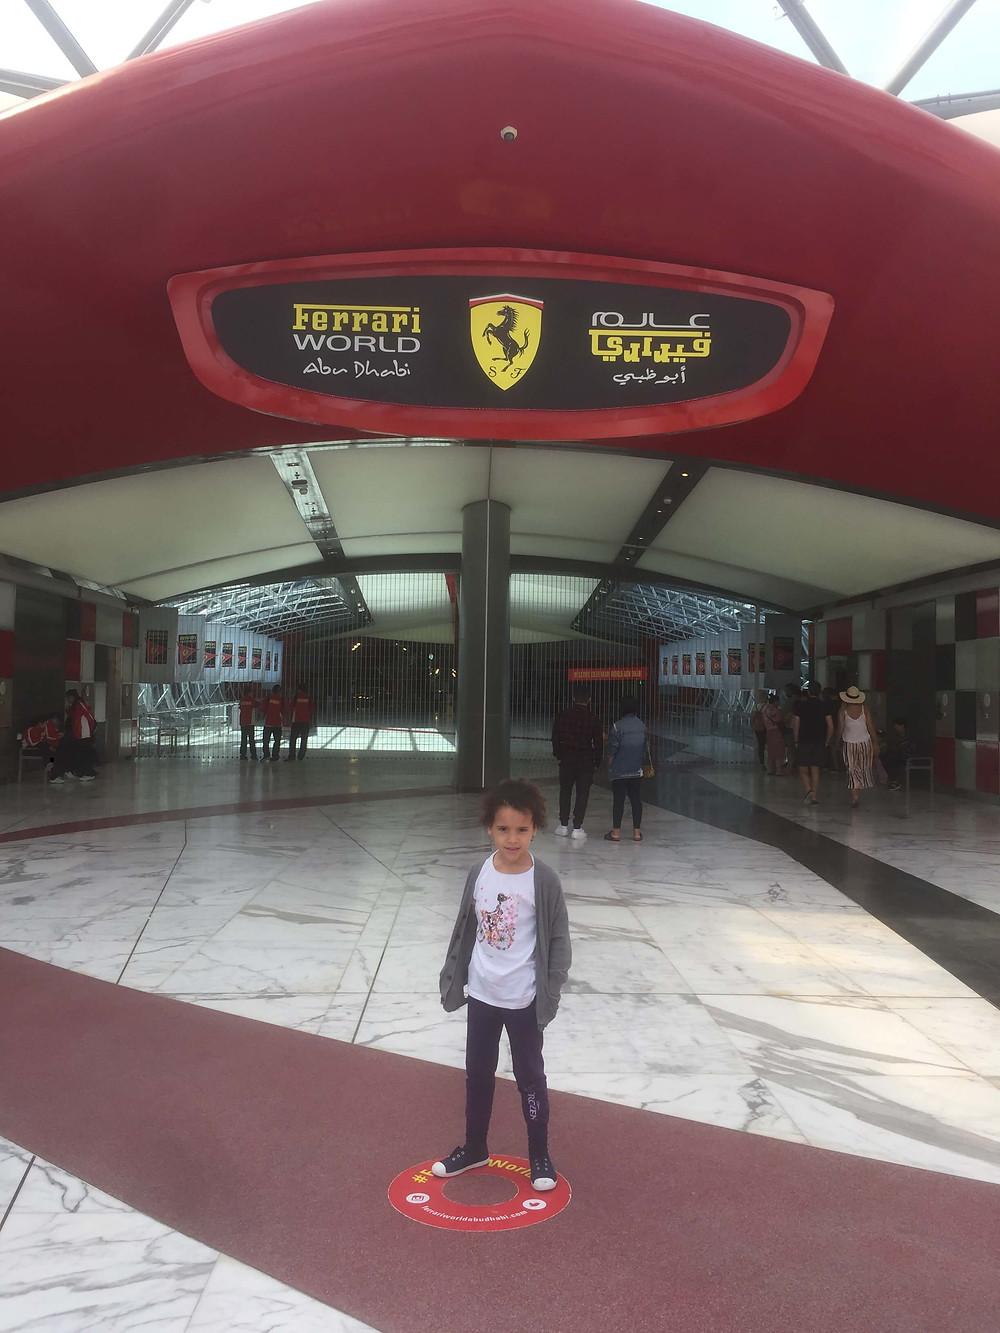 Ferrari World for the love of Ferrari!